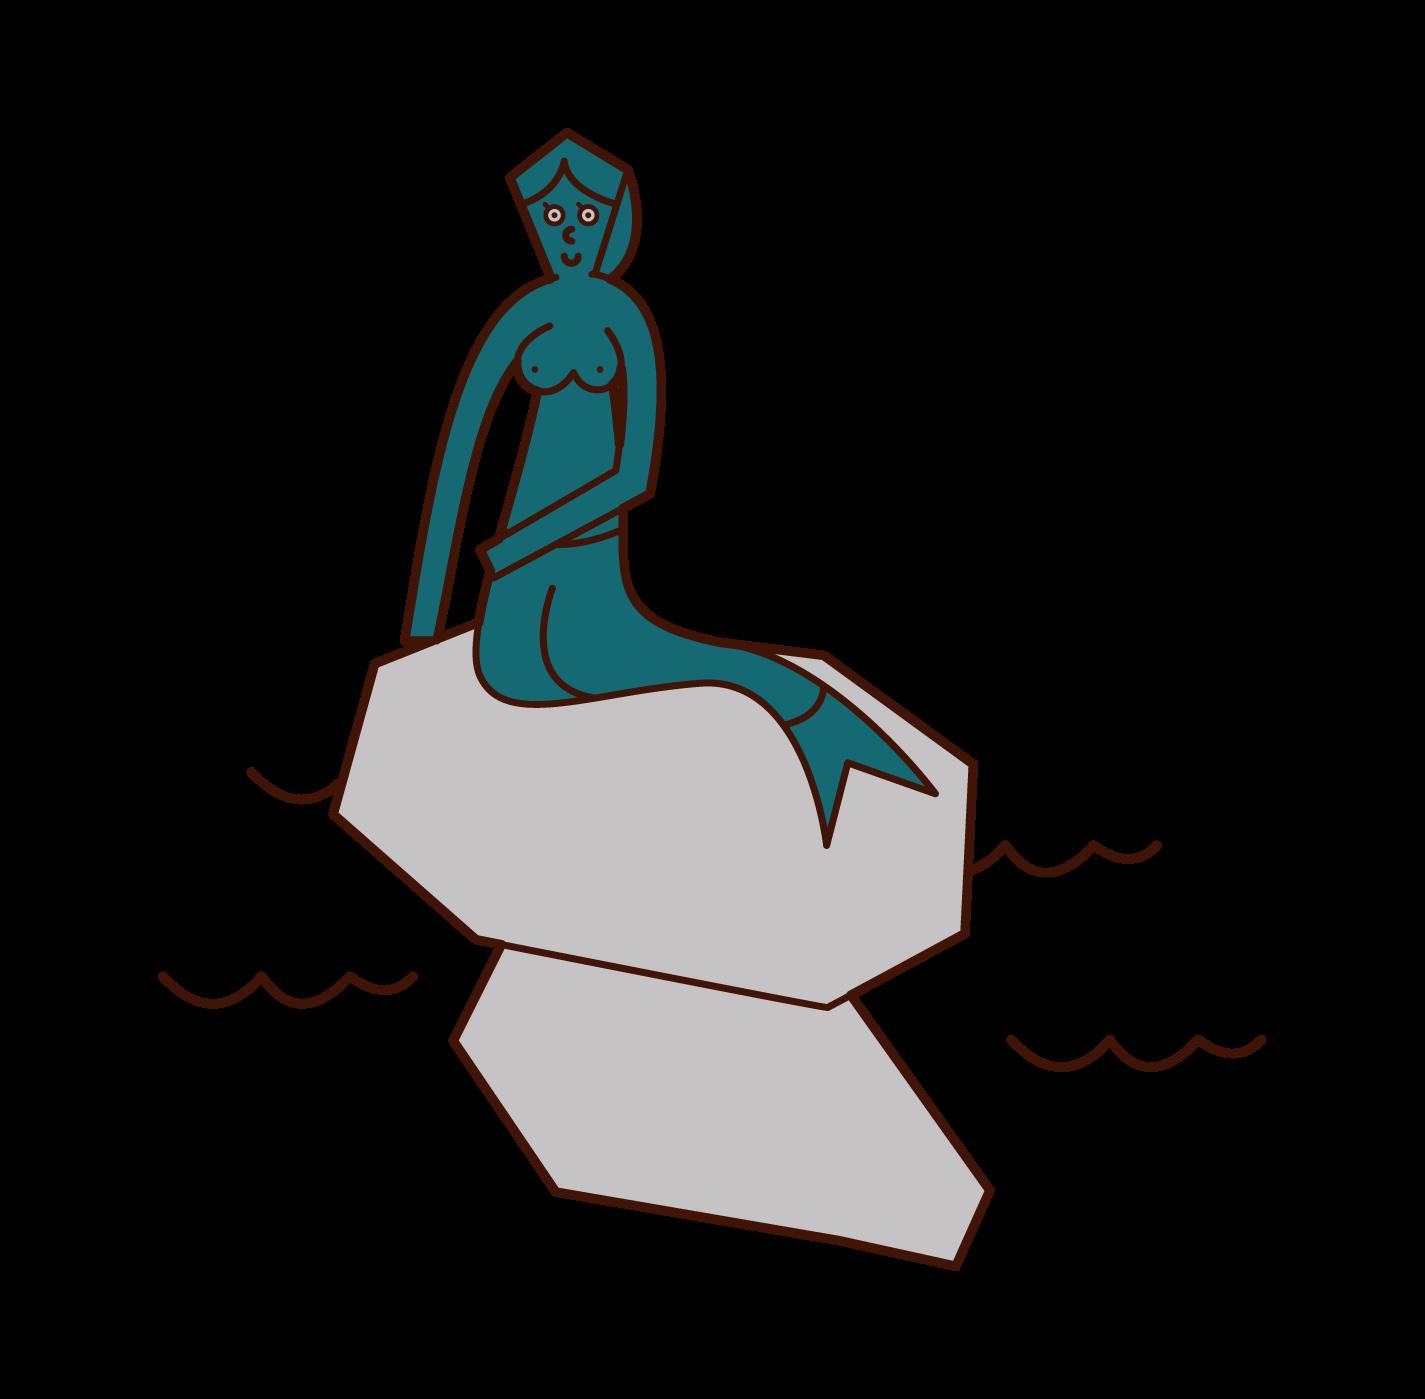 人魚姫の像のイラスト